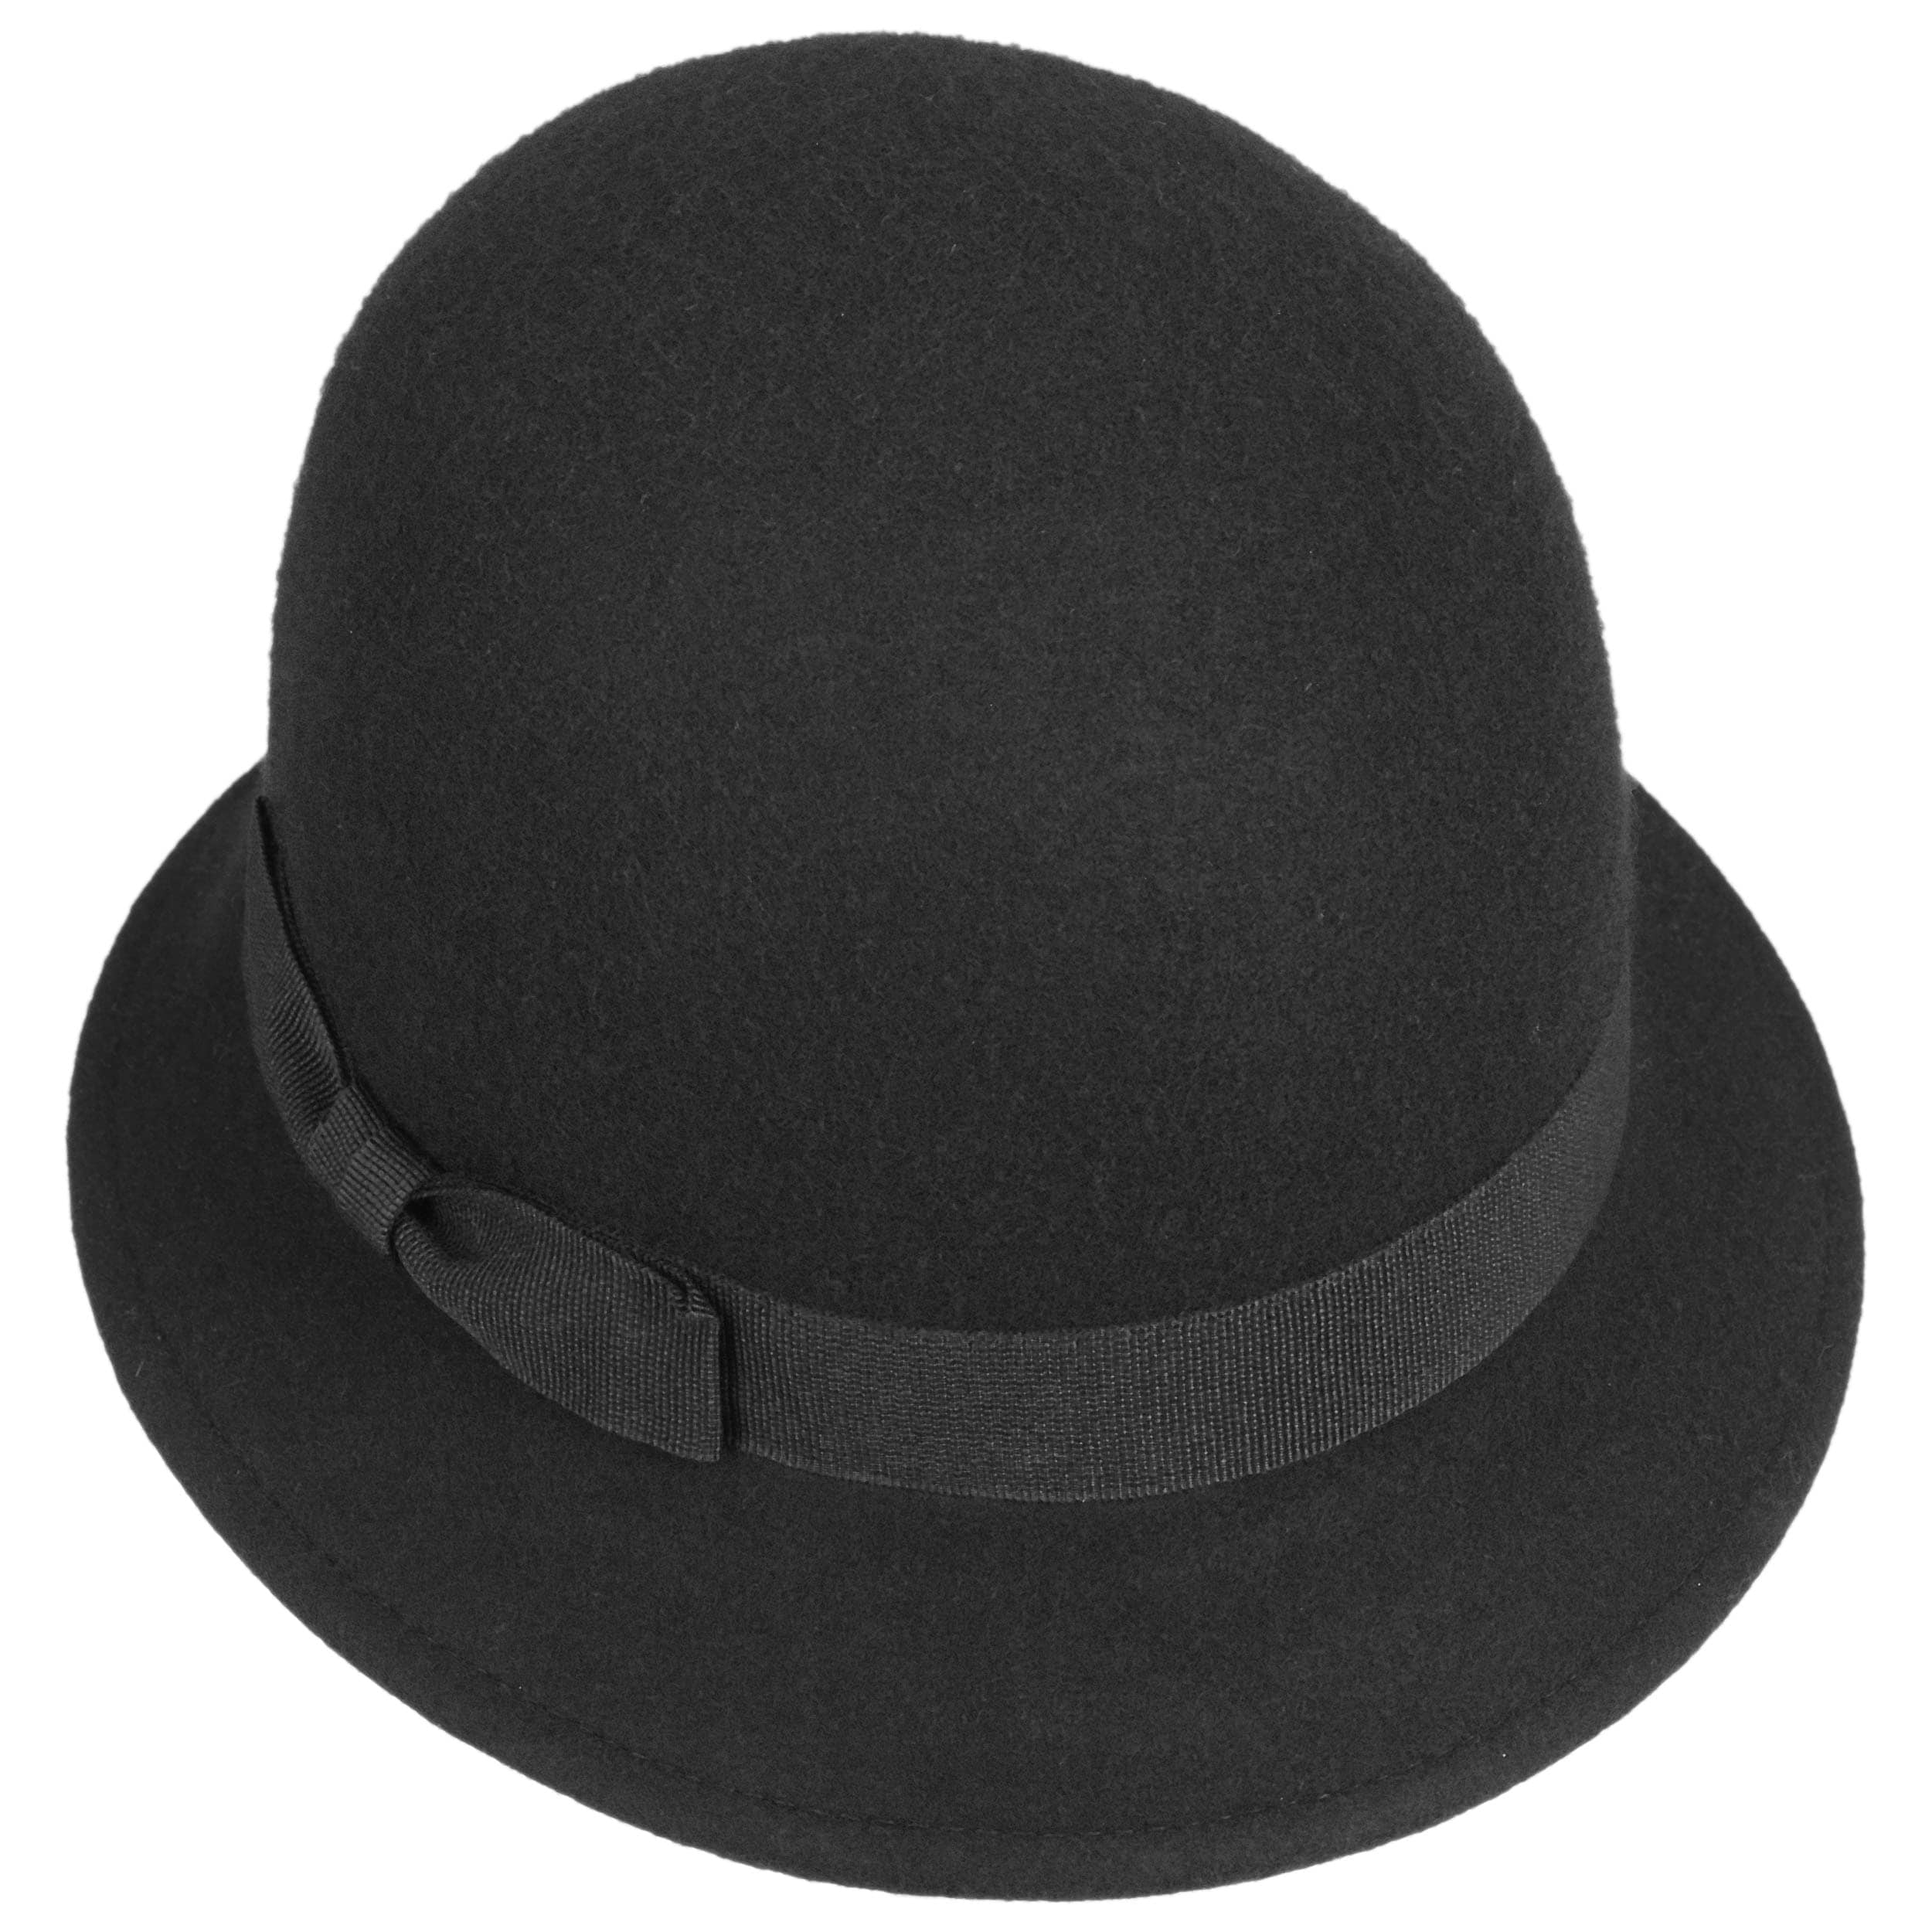 Sombrero Cloché de Fieltro Cajasa Mono - Sombreros - sombreroshop.es a5585b5ae1f